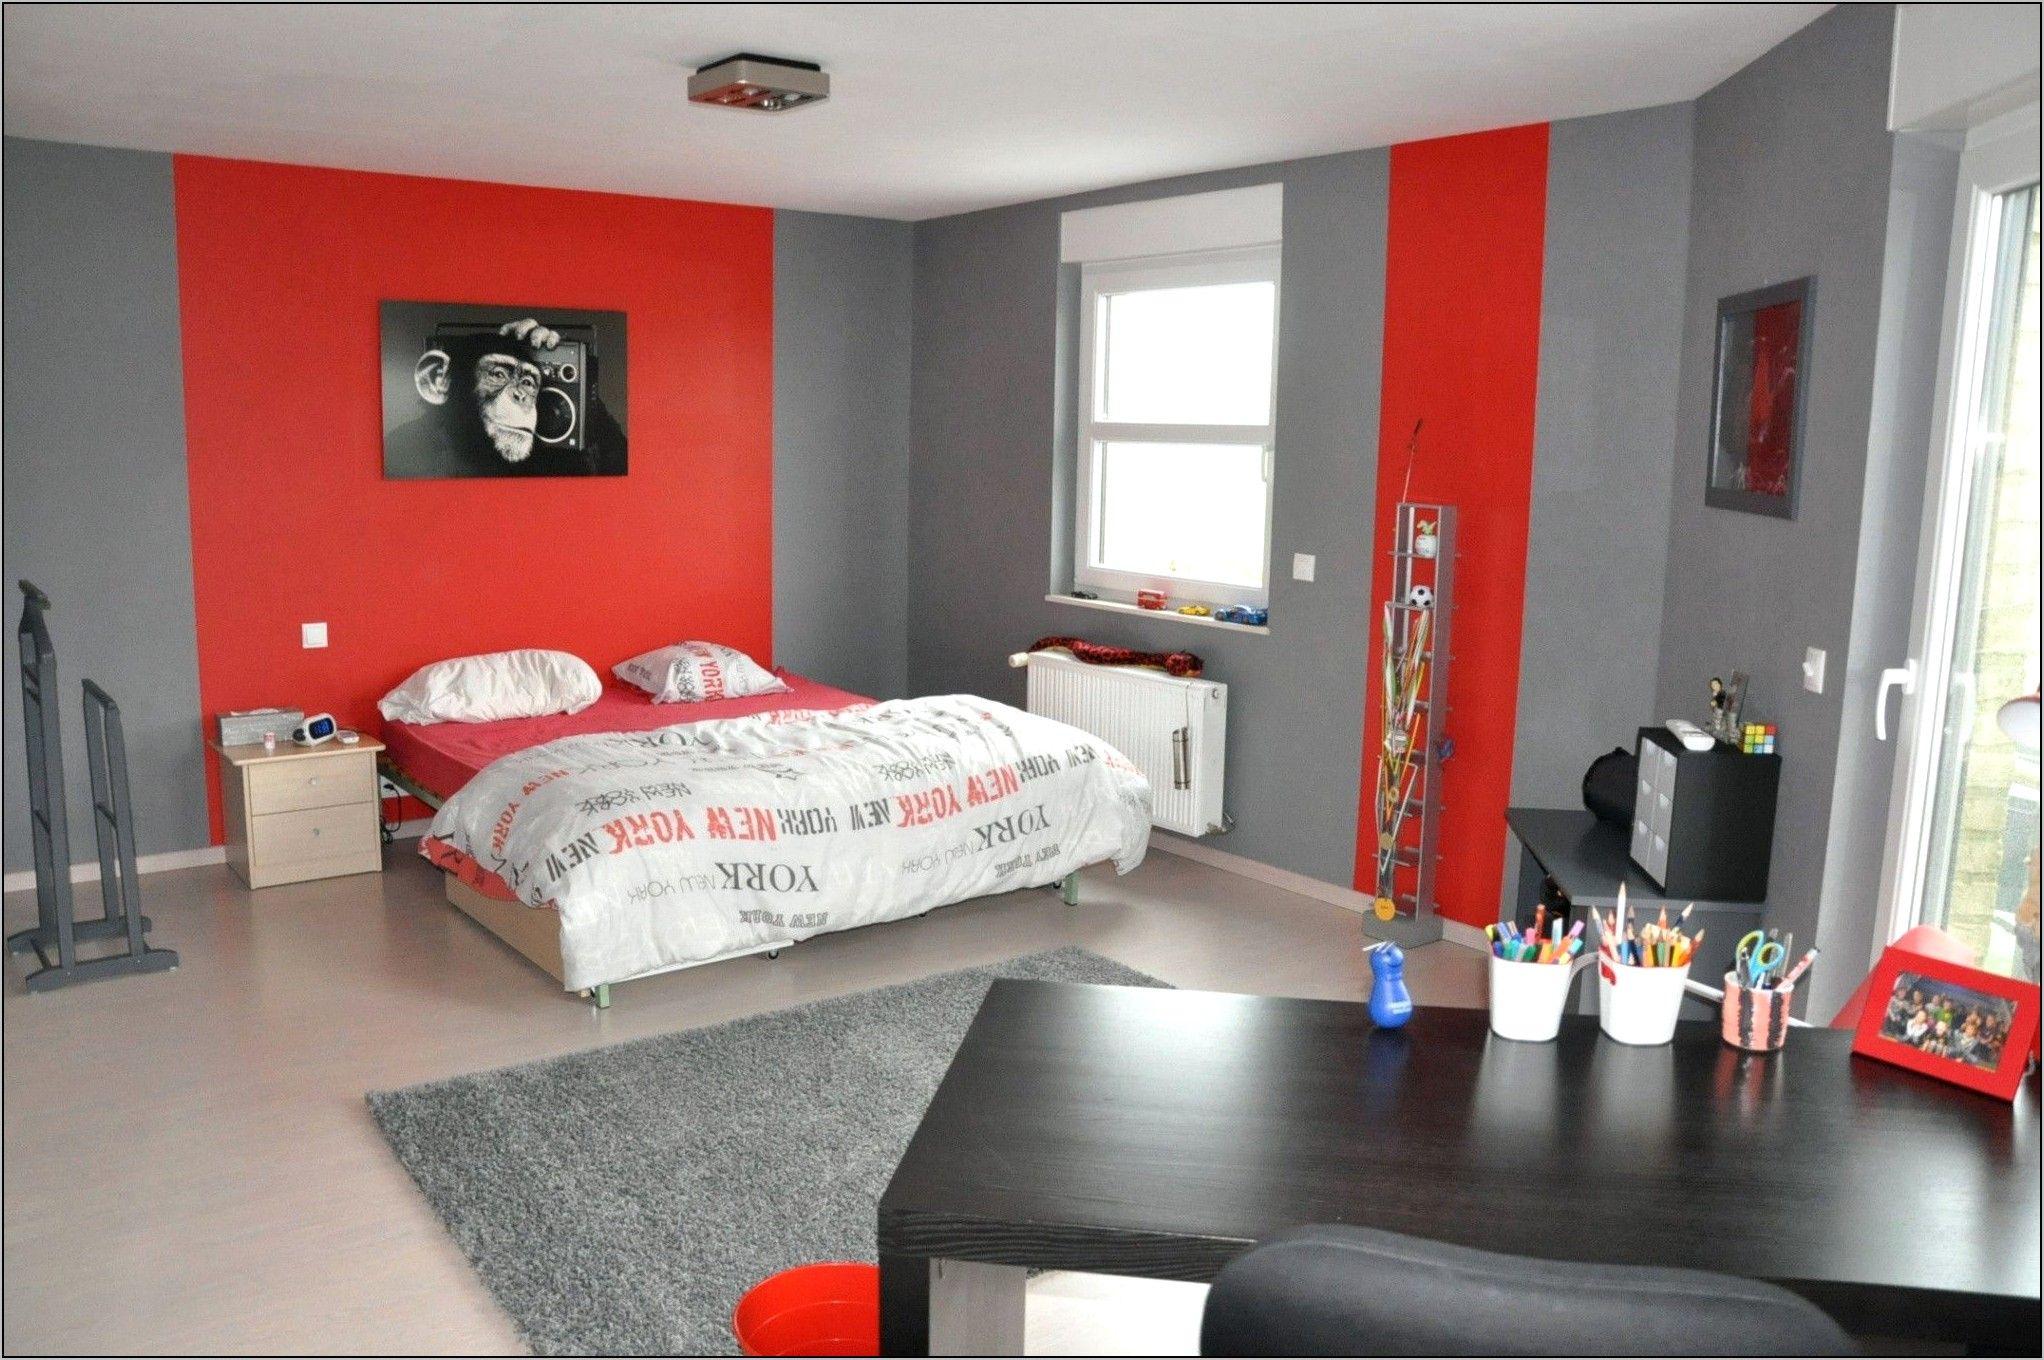 Deco Chambre Ado Garcon Design deco chambre ado garcon fan de new york en 2020 | deco